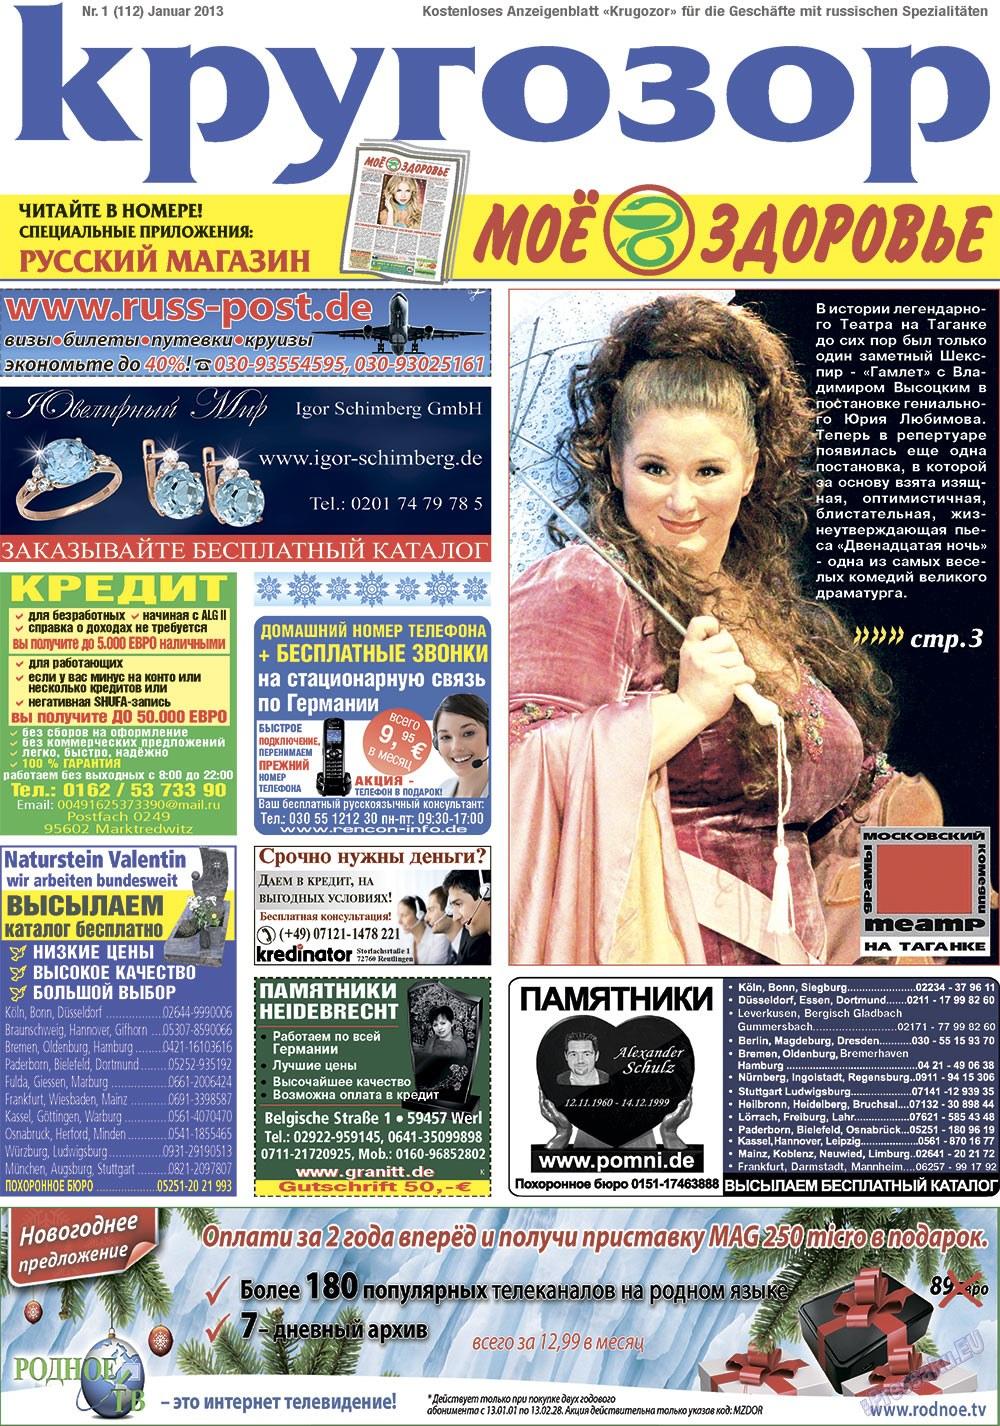 Кругозор (газета). 2013 год, номер 1, стр. 1